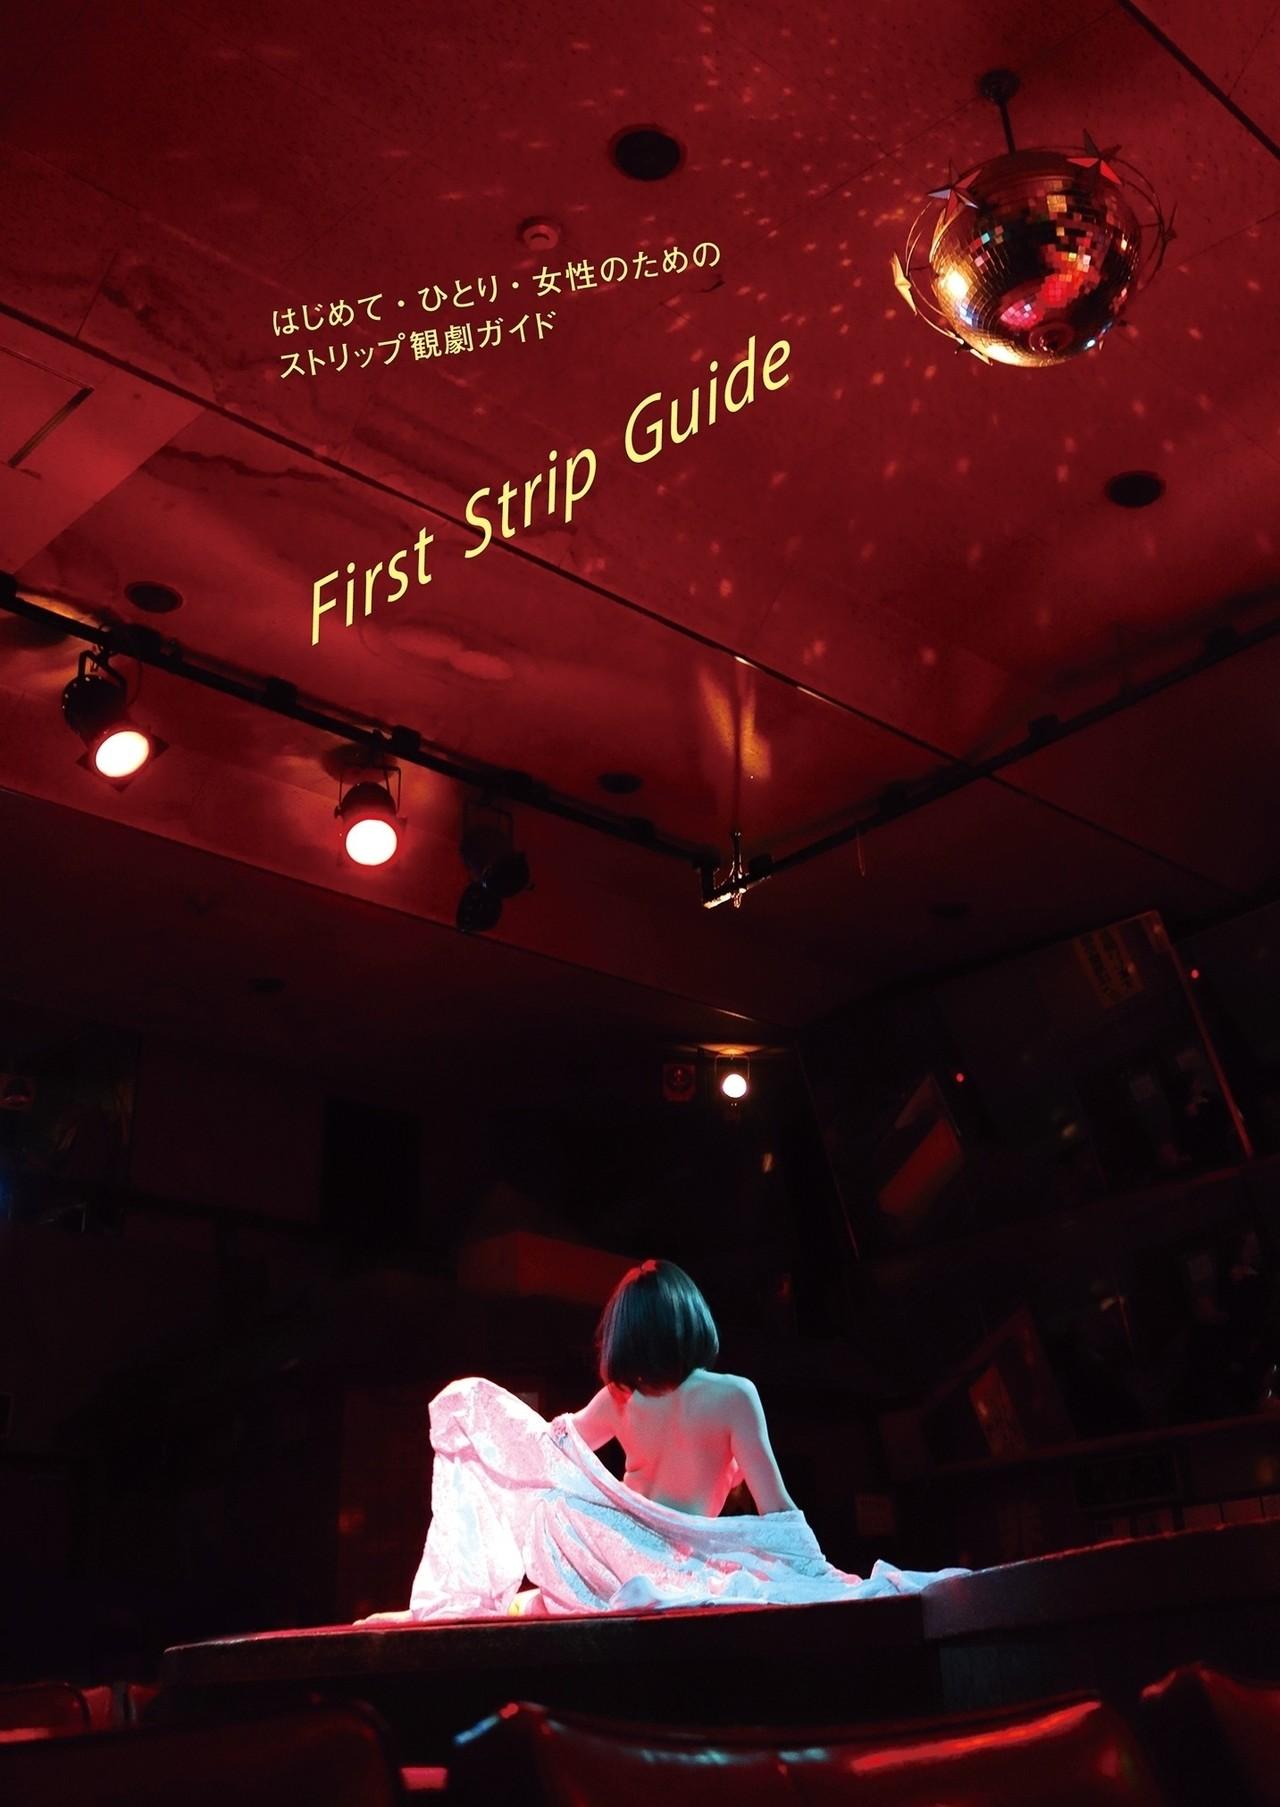 2018年11月25日㈰~ 『First Strip Guide~はじめて・ひとり・女性のためのストリップ観劇ガイド~』販売開始しました。 (B5 フルカラー 104ページ)